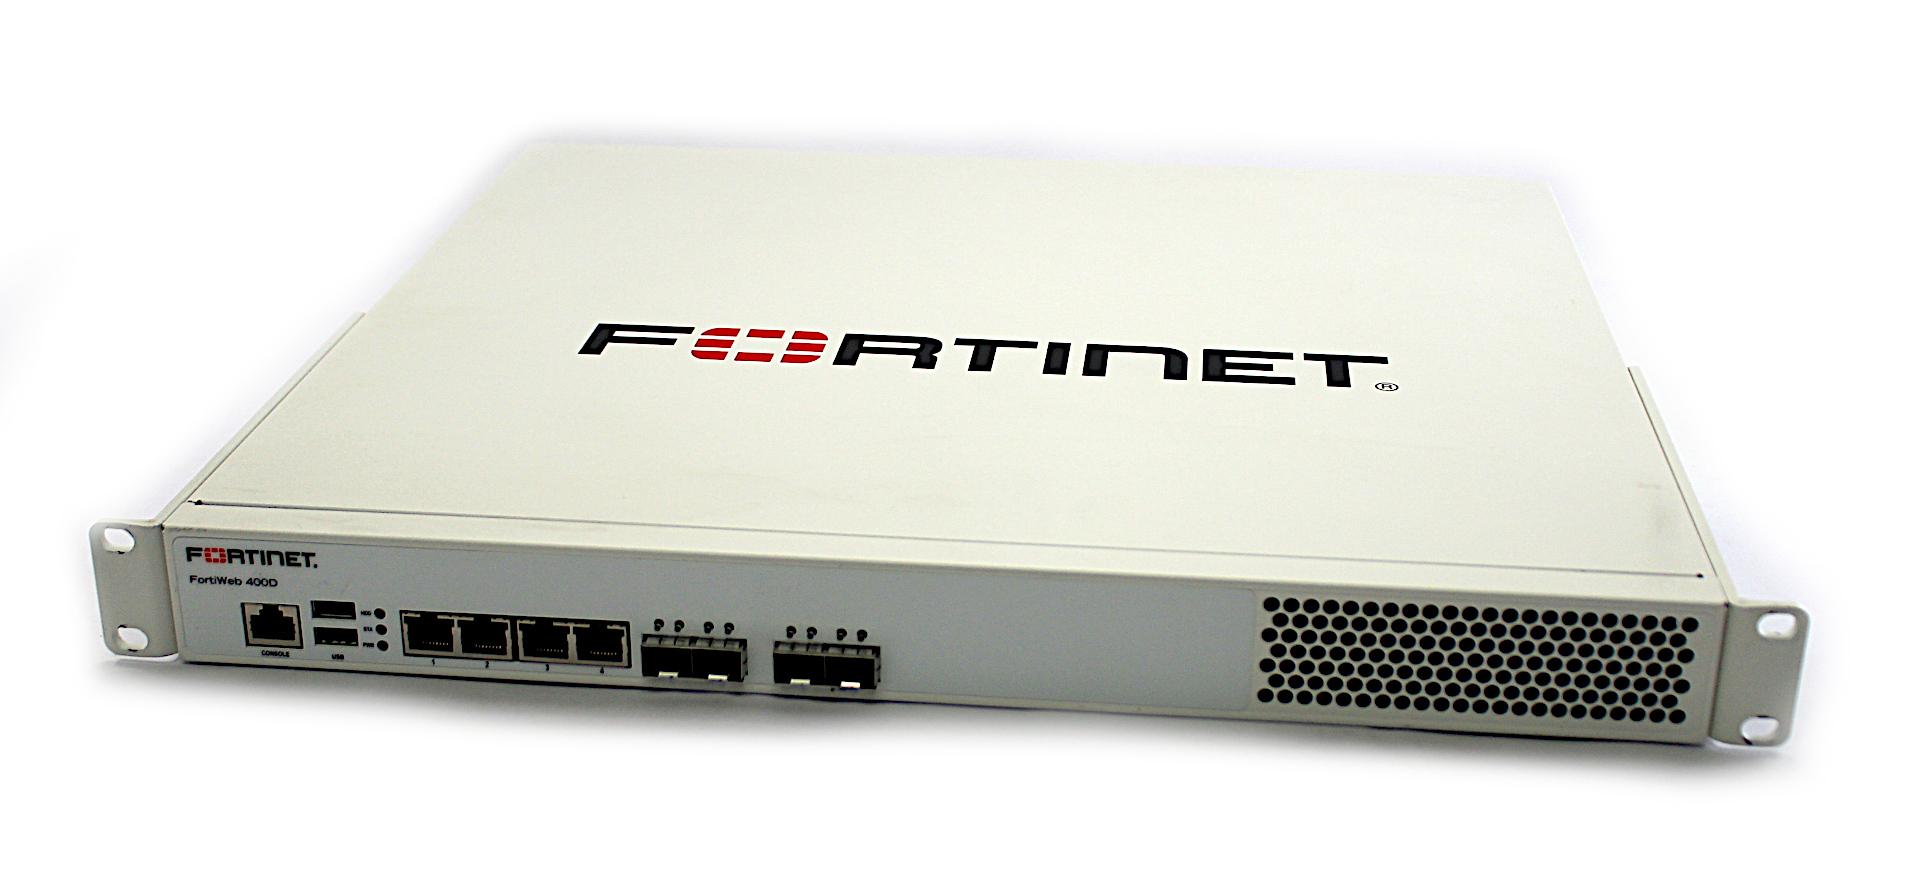 Fortinet FWB-400D Web Application Hardware Firewall Fortiweb-400D - P17285-01-02